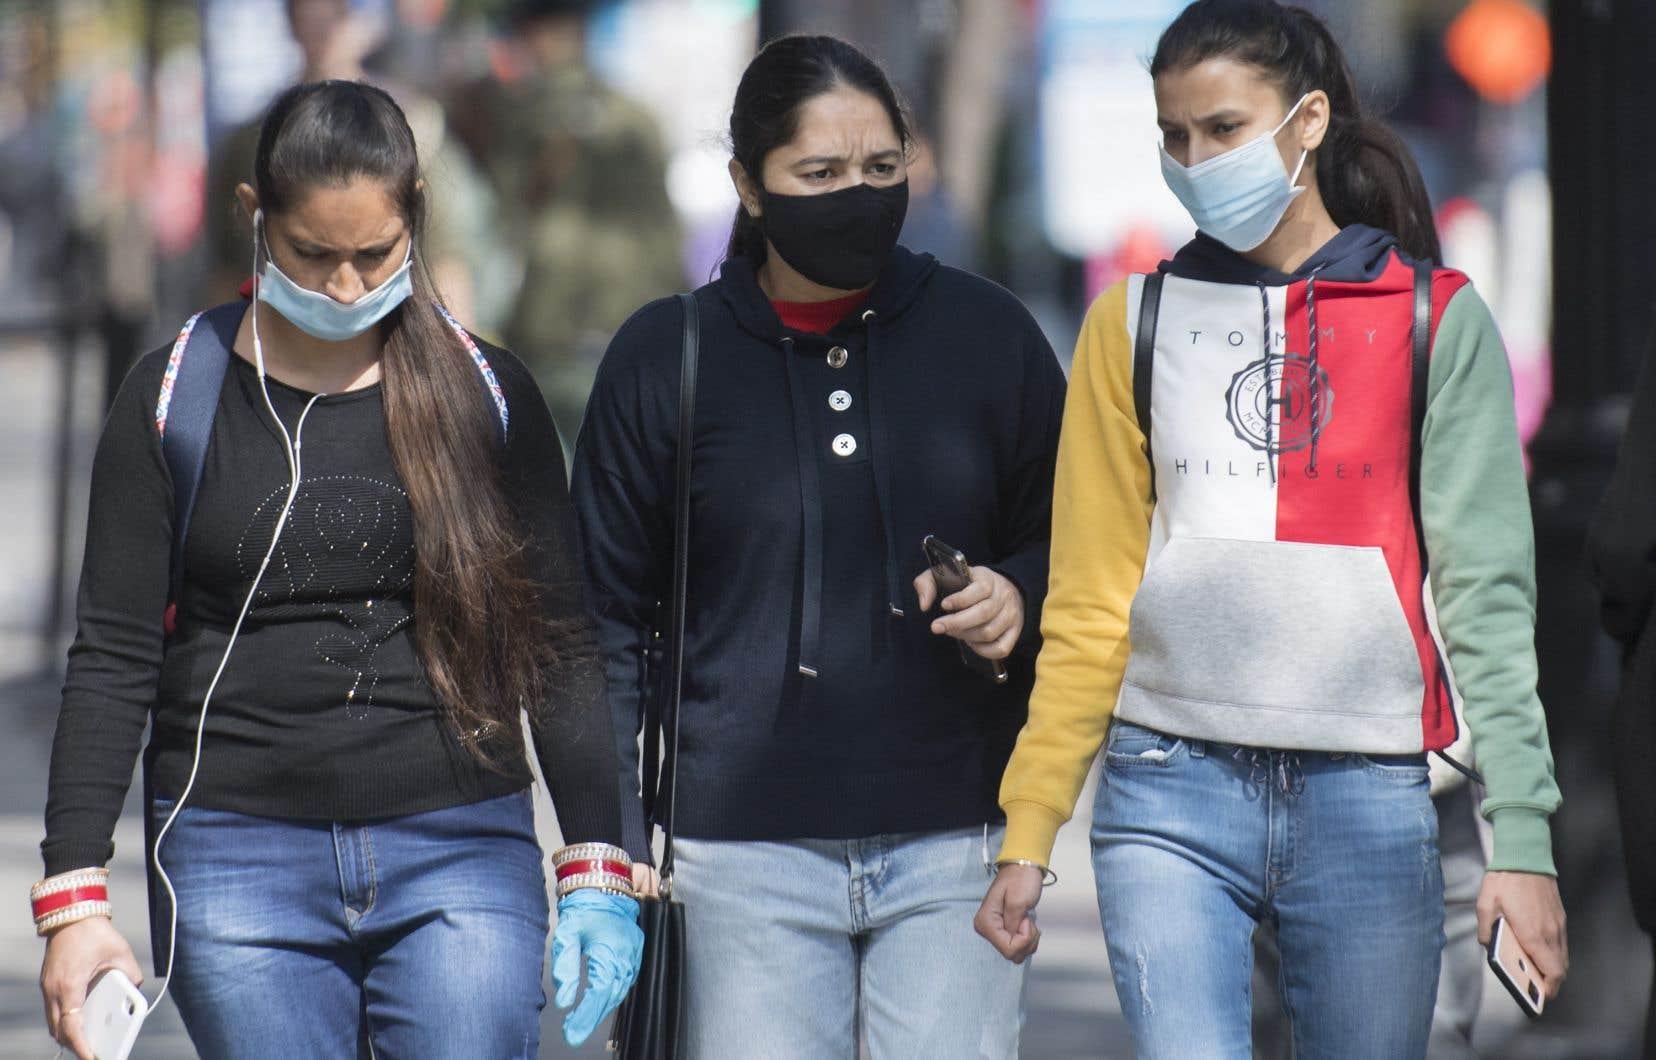 La crainte de contracter le nouveau coronavirus semble gagner progressivement du terrain depuis juin. 61% des répondants admettent désormais avoir peur d'être infectés à leur tour.